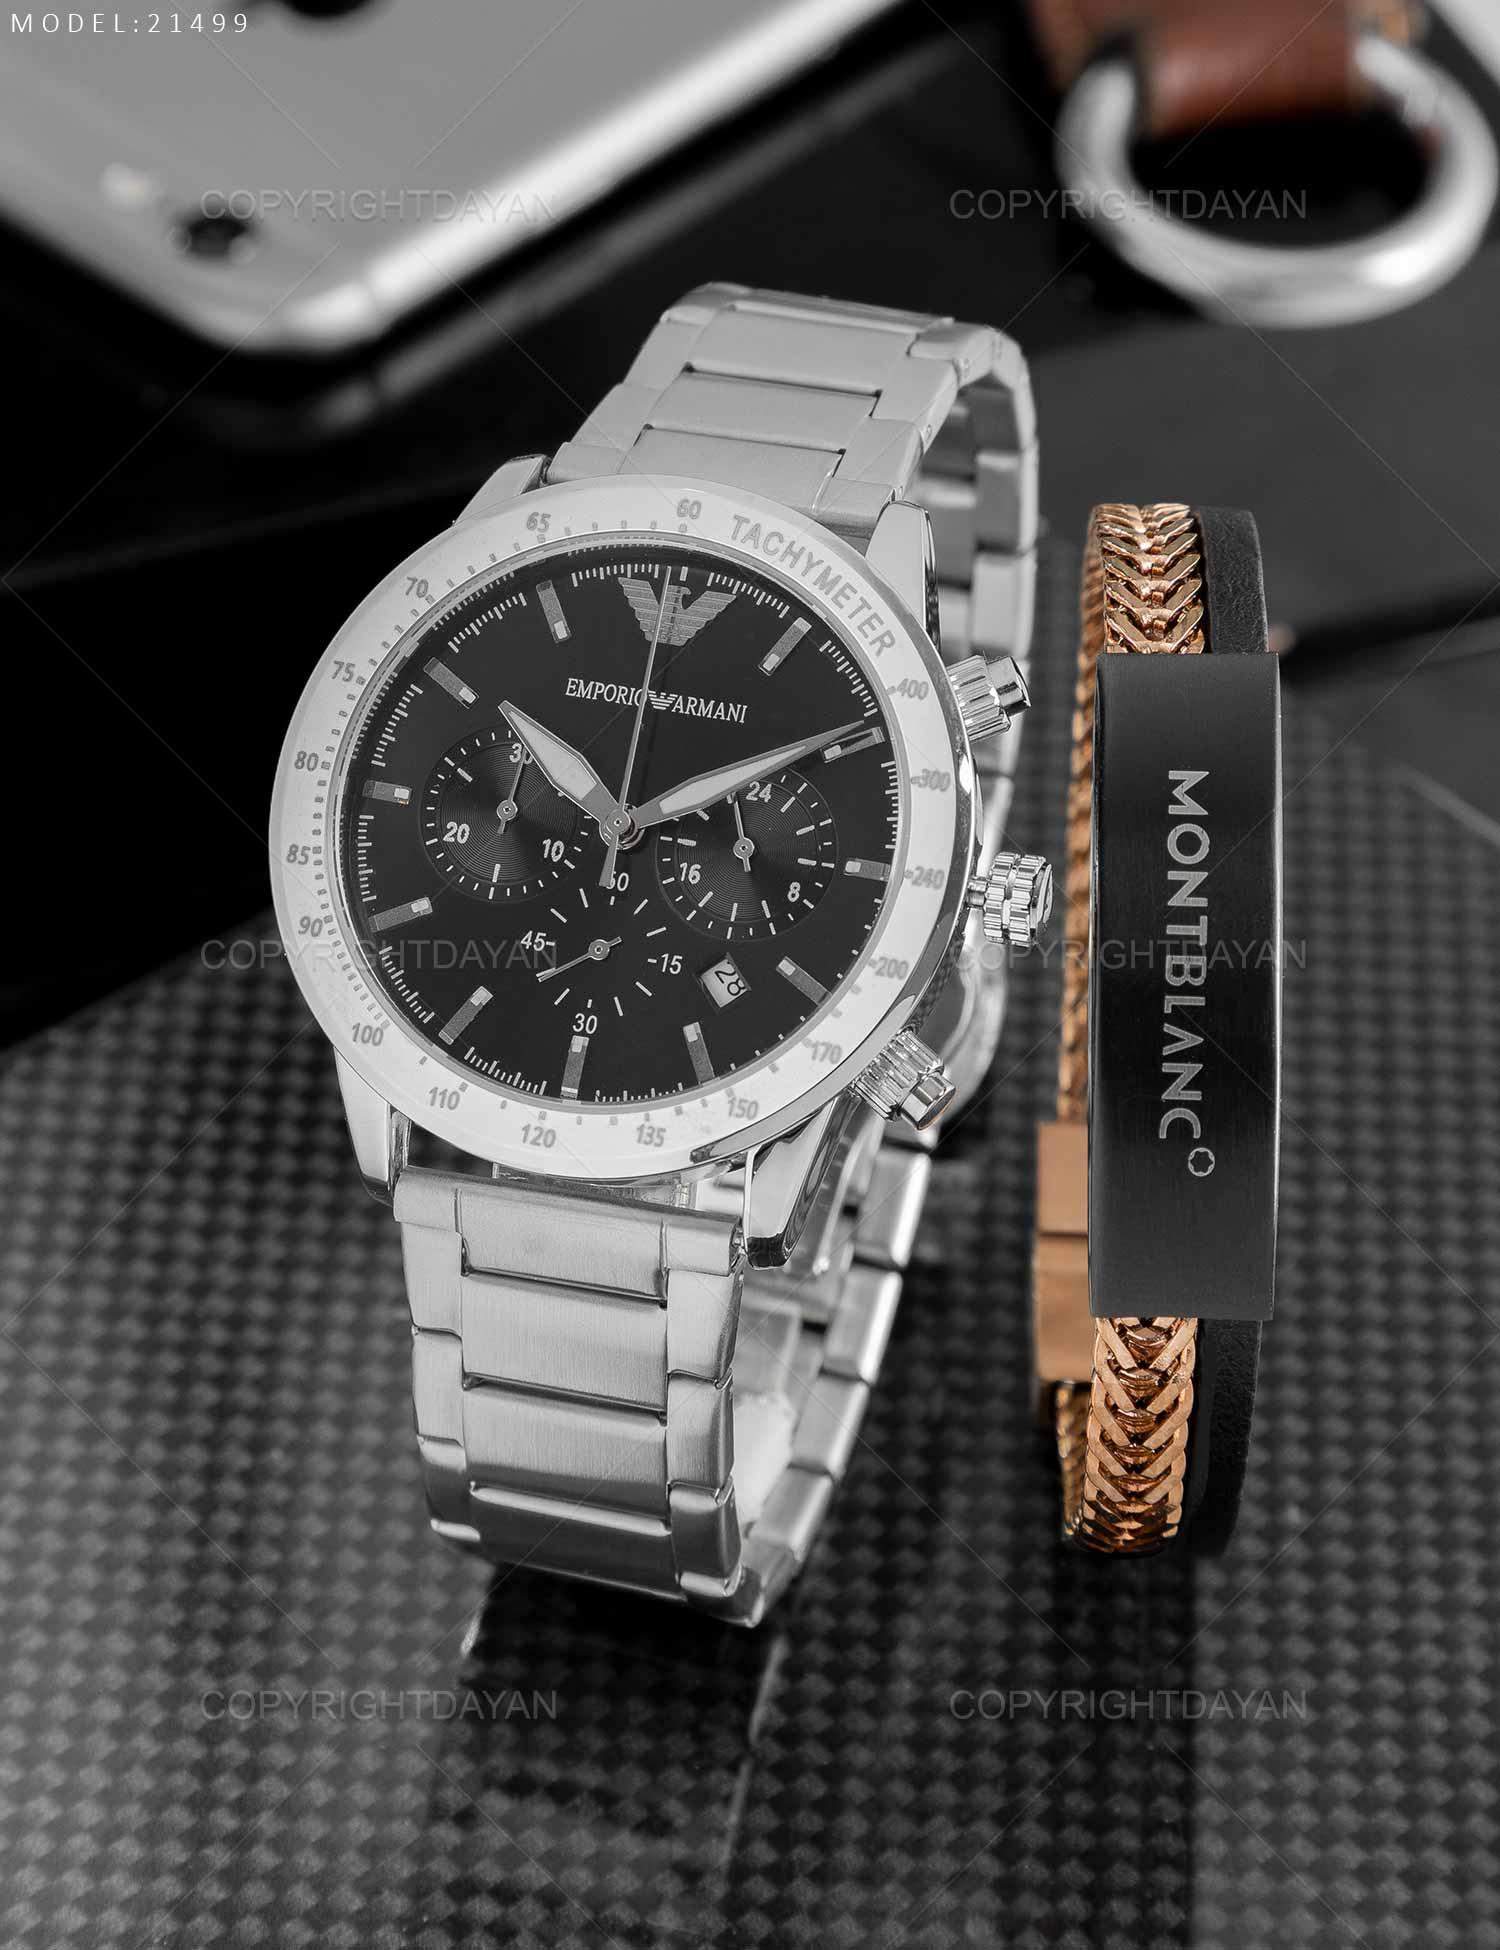 ساعت مچی مردانه Emporio Armani مدل 21499 ساعت مچی مردانه Emporio Armani مدل 21499 339,000 تومان